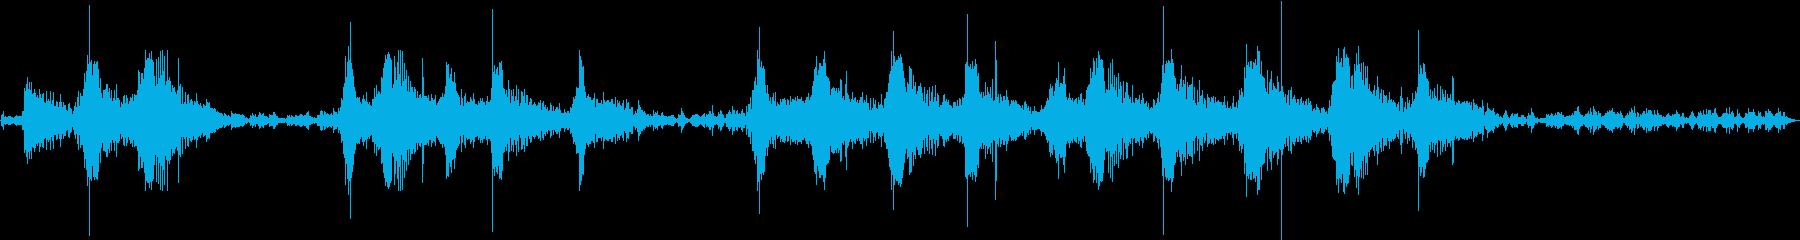 モンスタートラック:Ext:Sta...の再生済みの波形